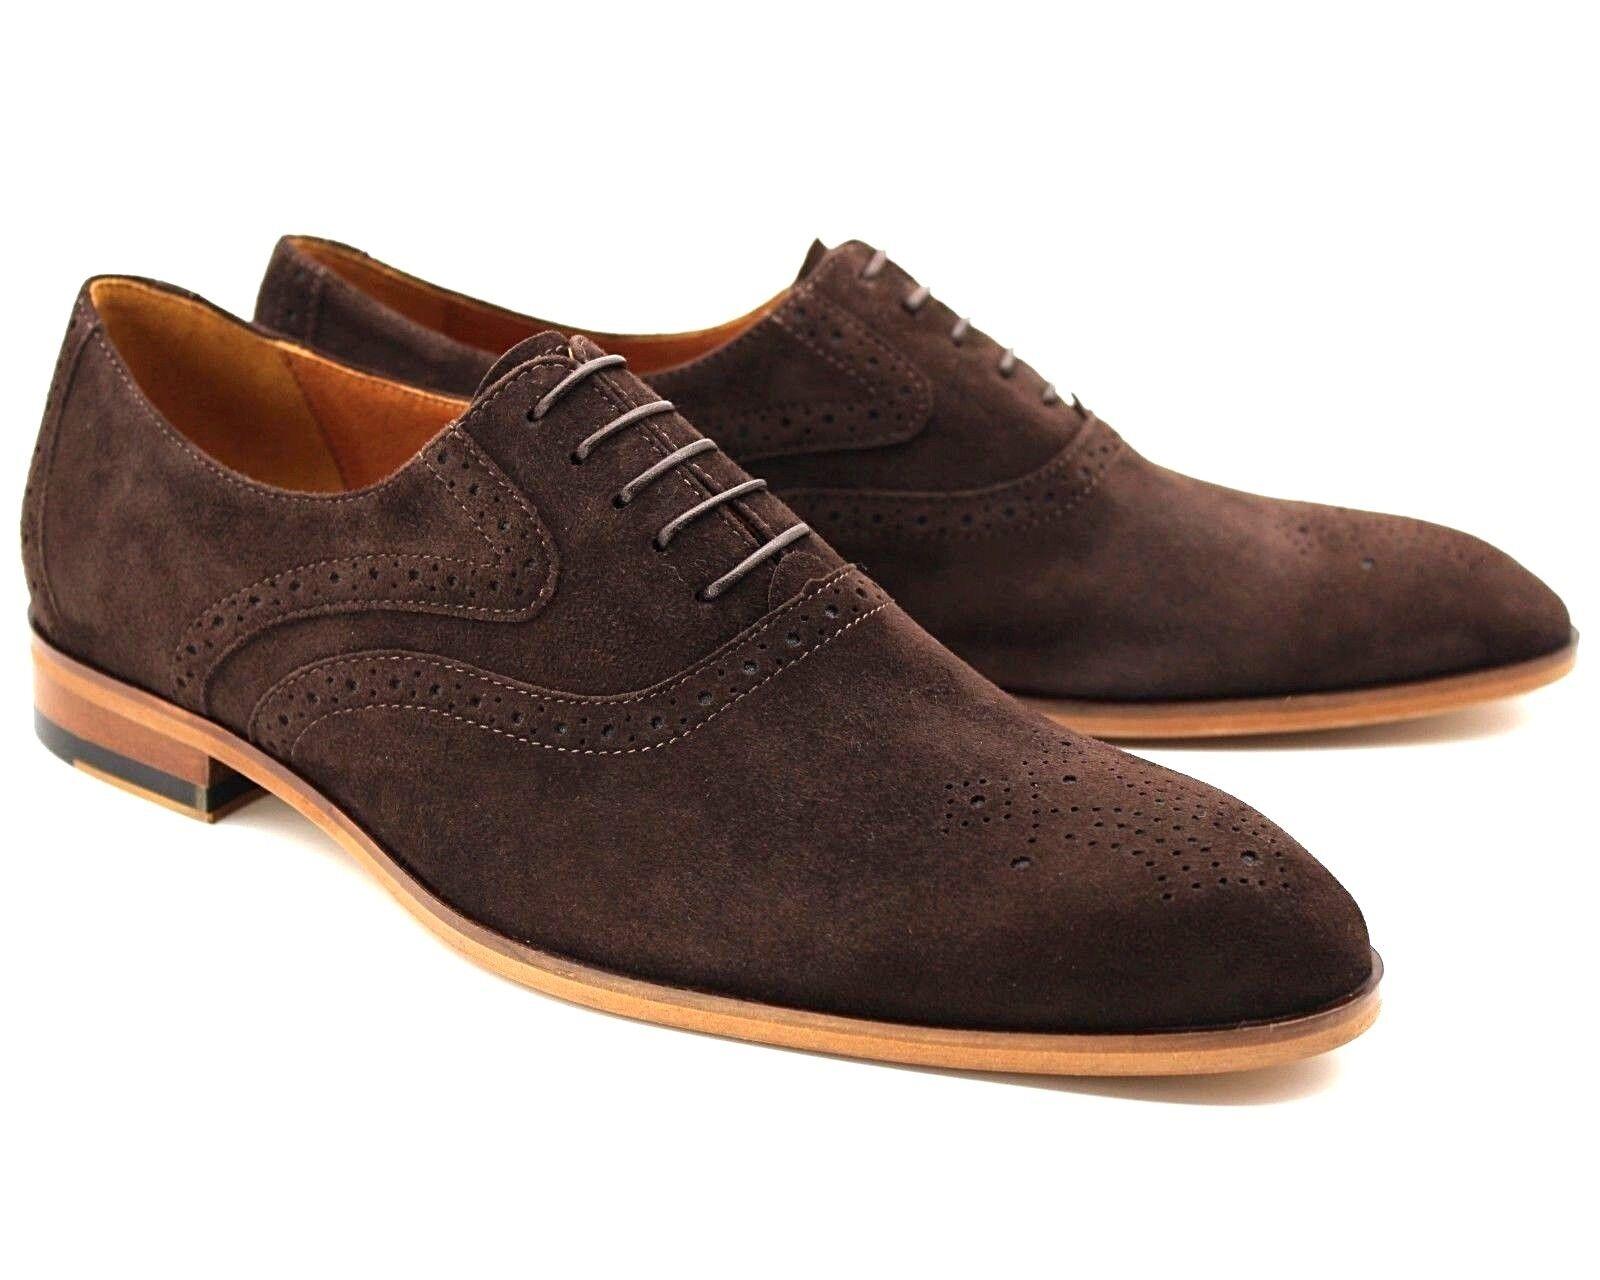 231K UK 7 Homme Neuf Marron Chocolat Lacets Décontractées Chaussures Italiennes En Daim EU 41